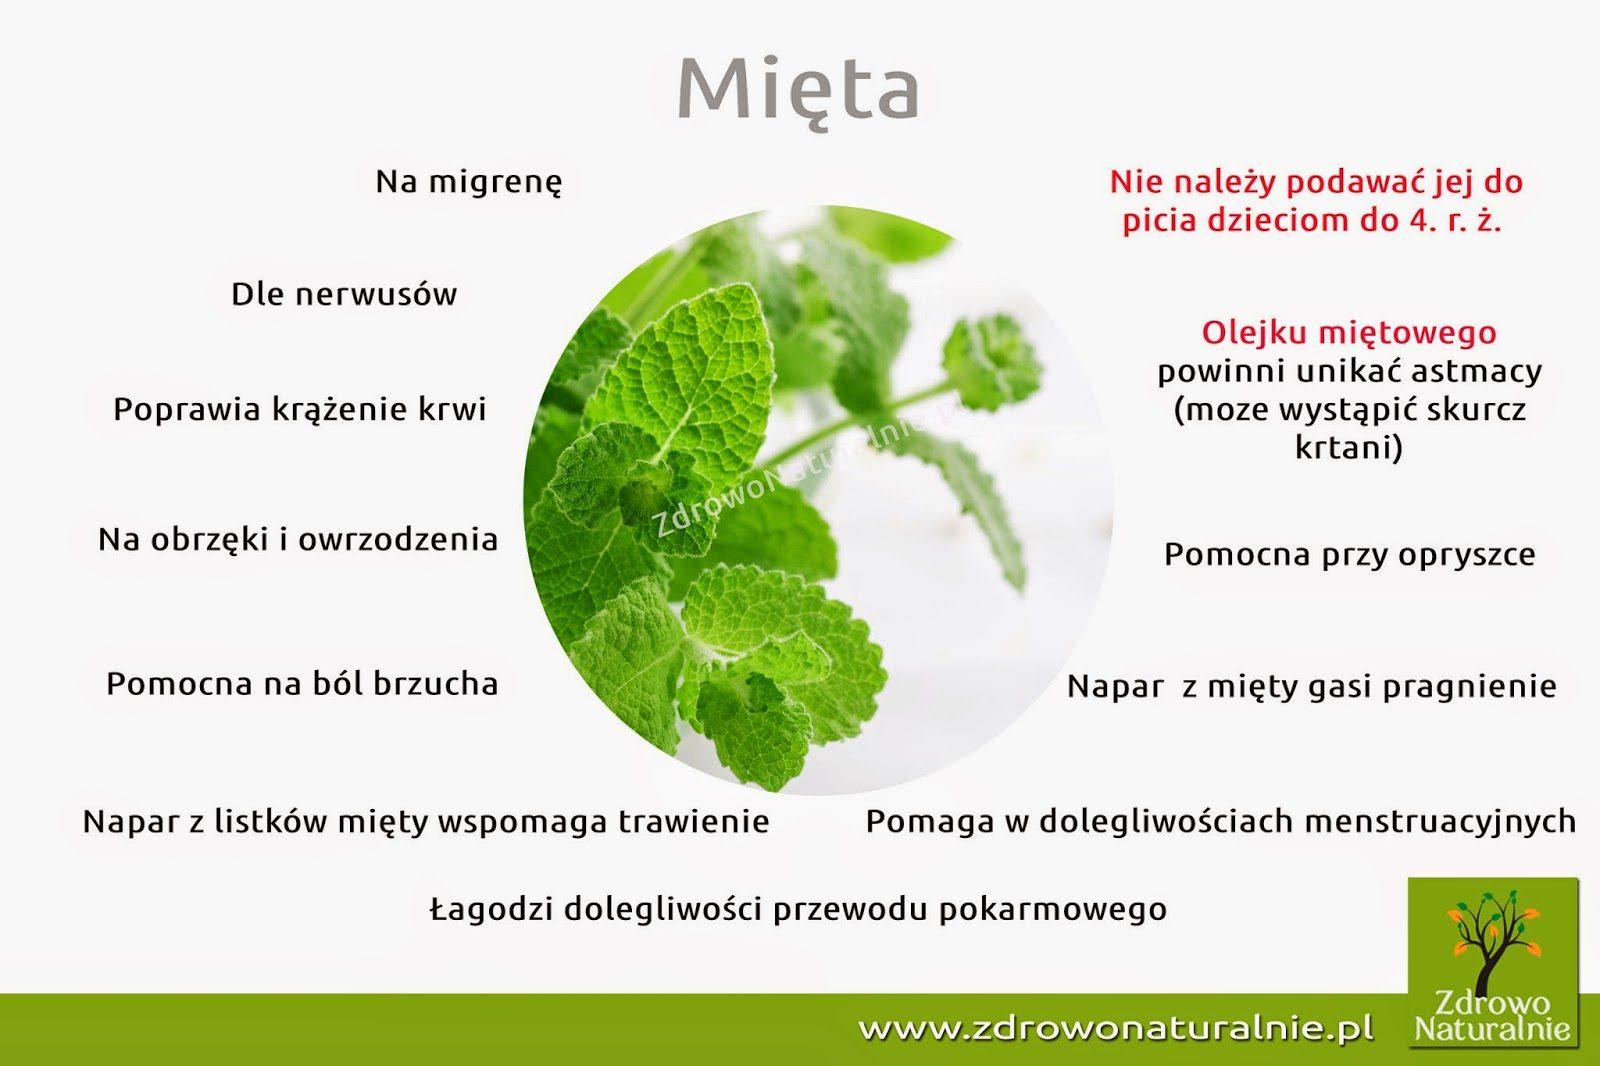 mic499ta-2152671